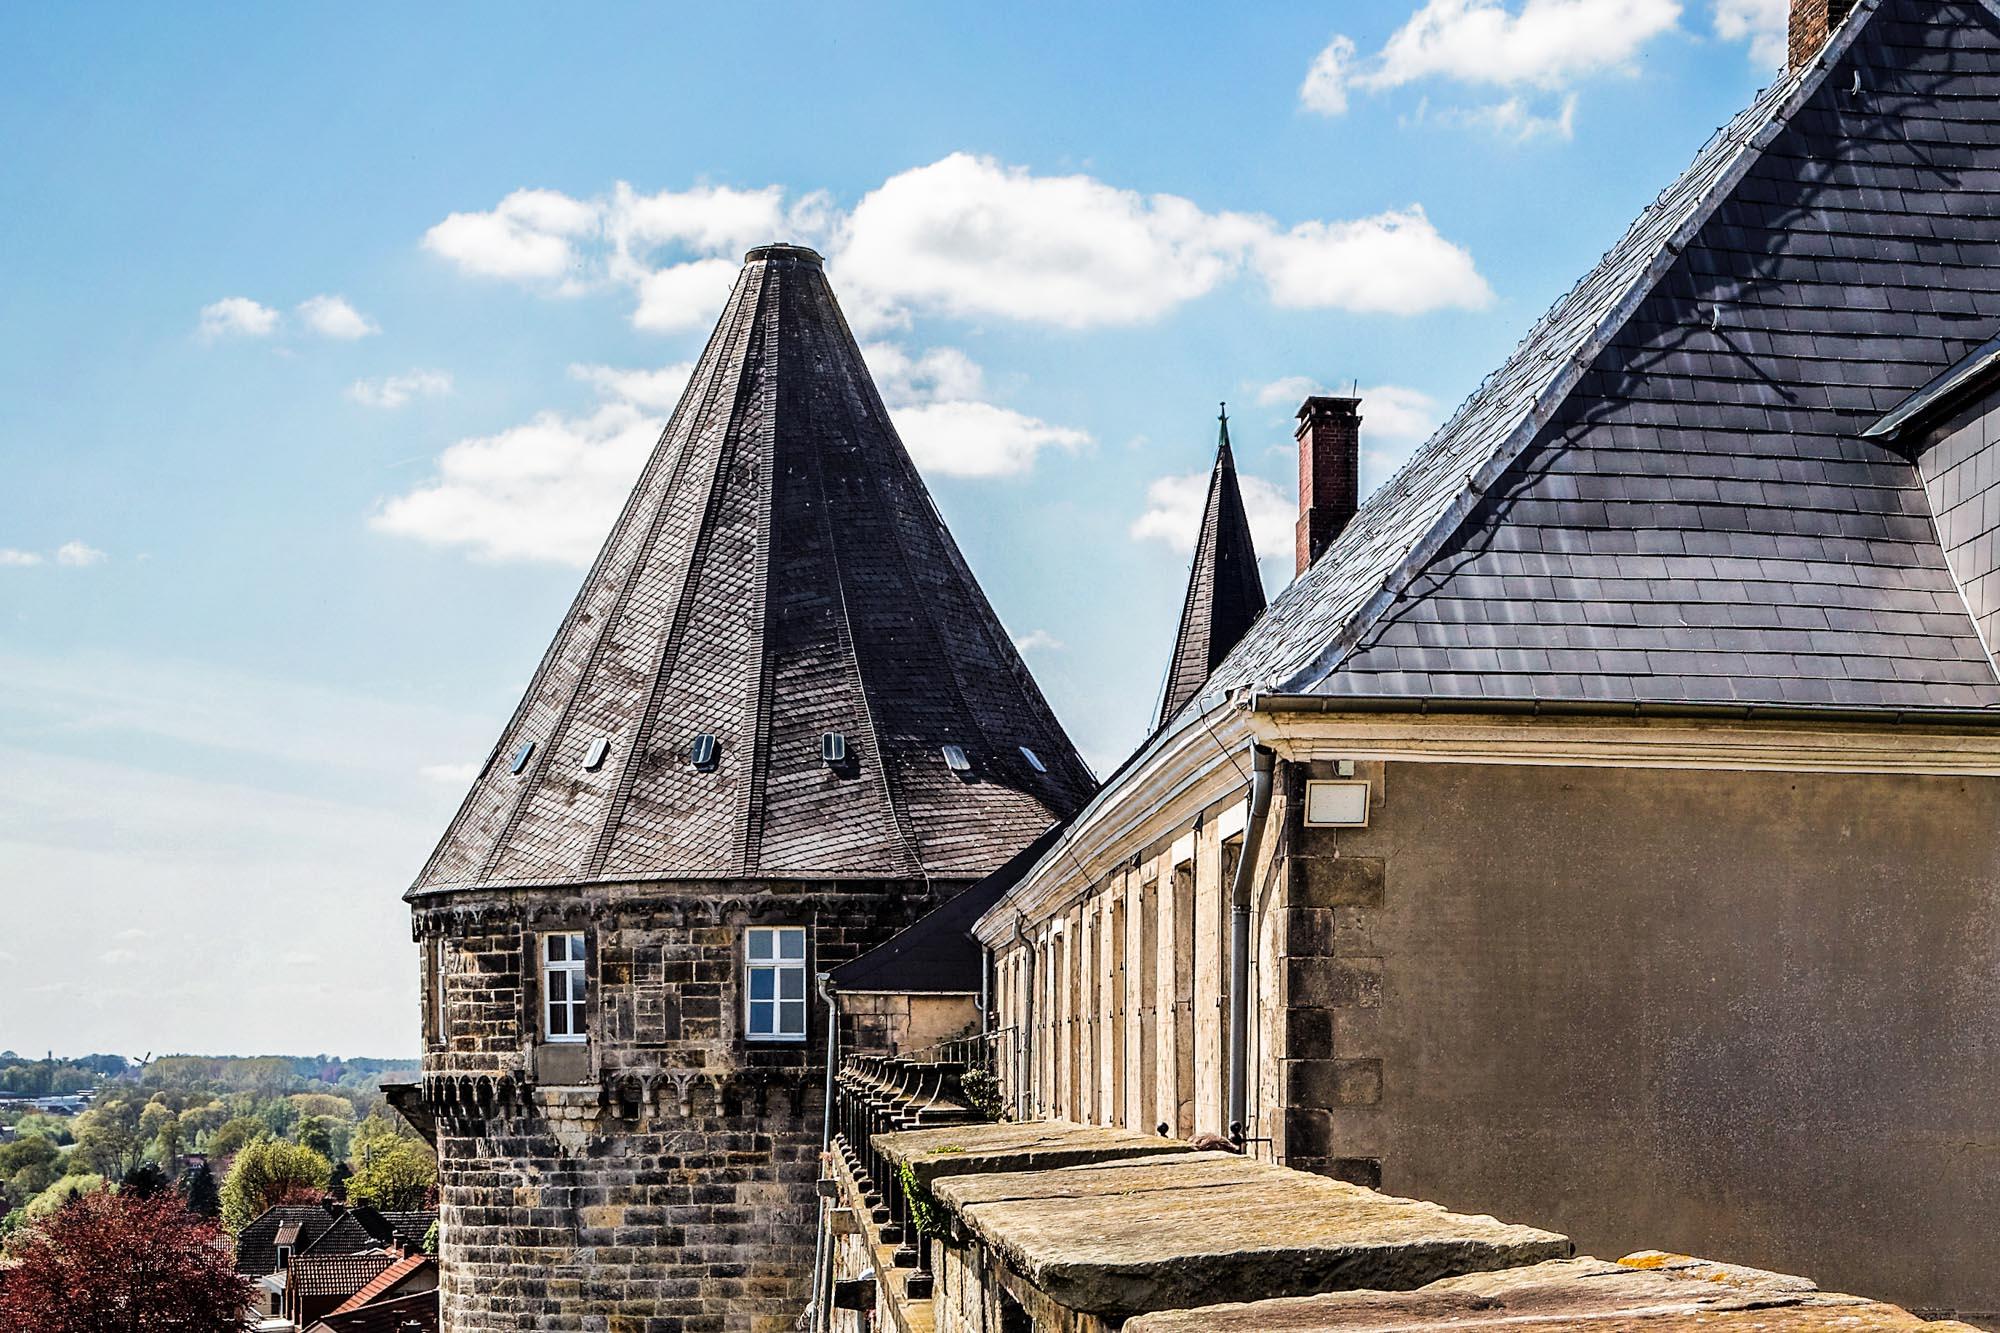 De Batterijtoren van kasteel  Bentheim © Andreas Richter